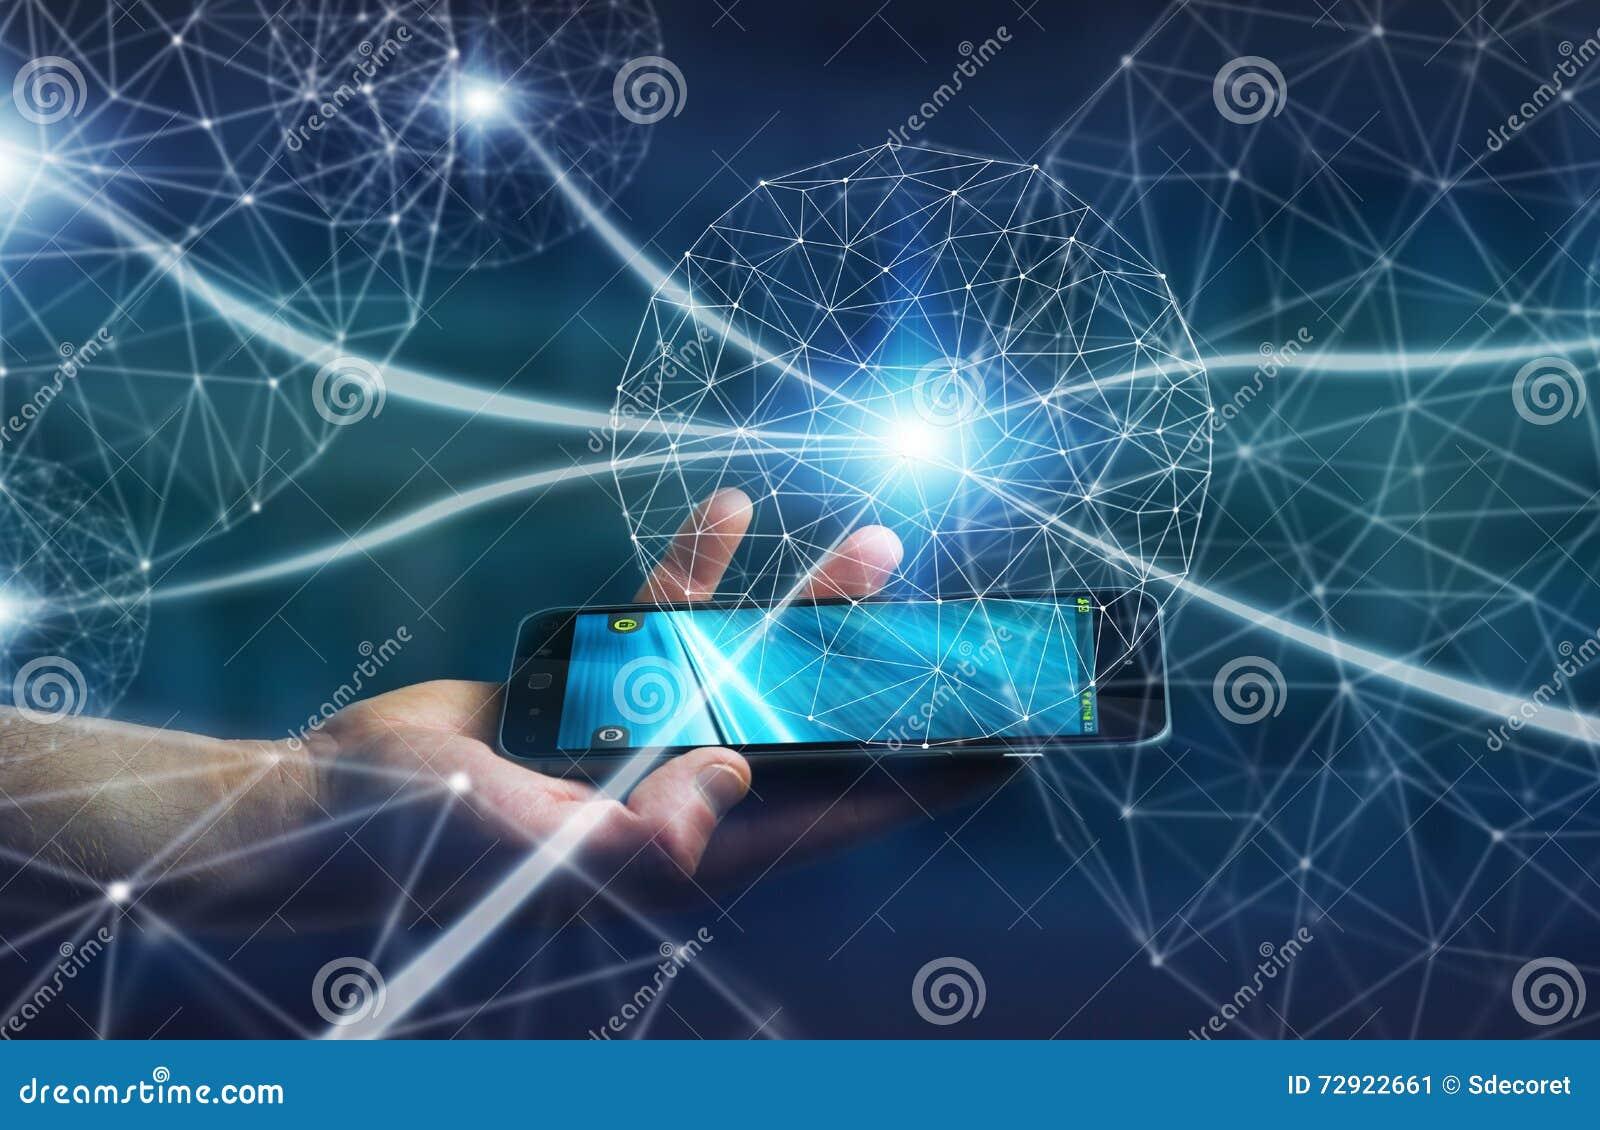 Επιχειρηματίας που χρησιμοποιεί το δίκτυο δεδομένων με το κινητό τηλέφωνό του